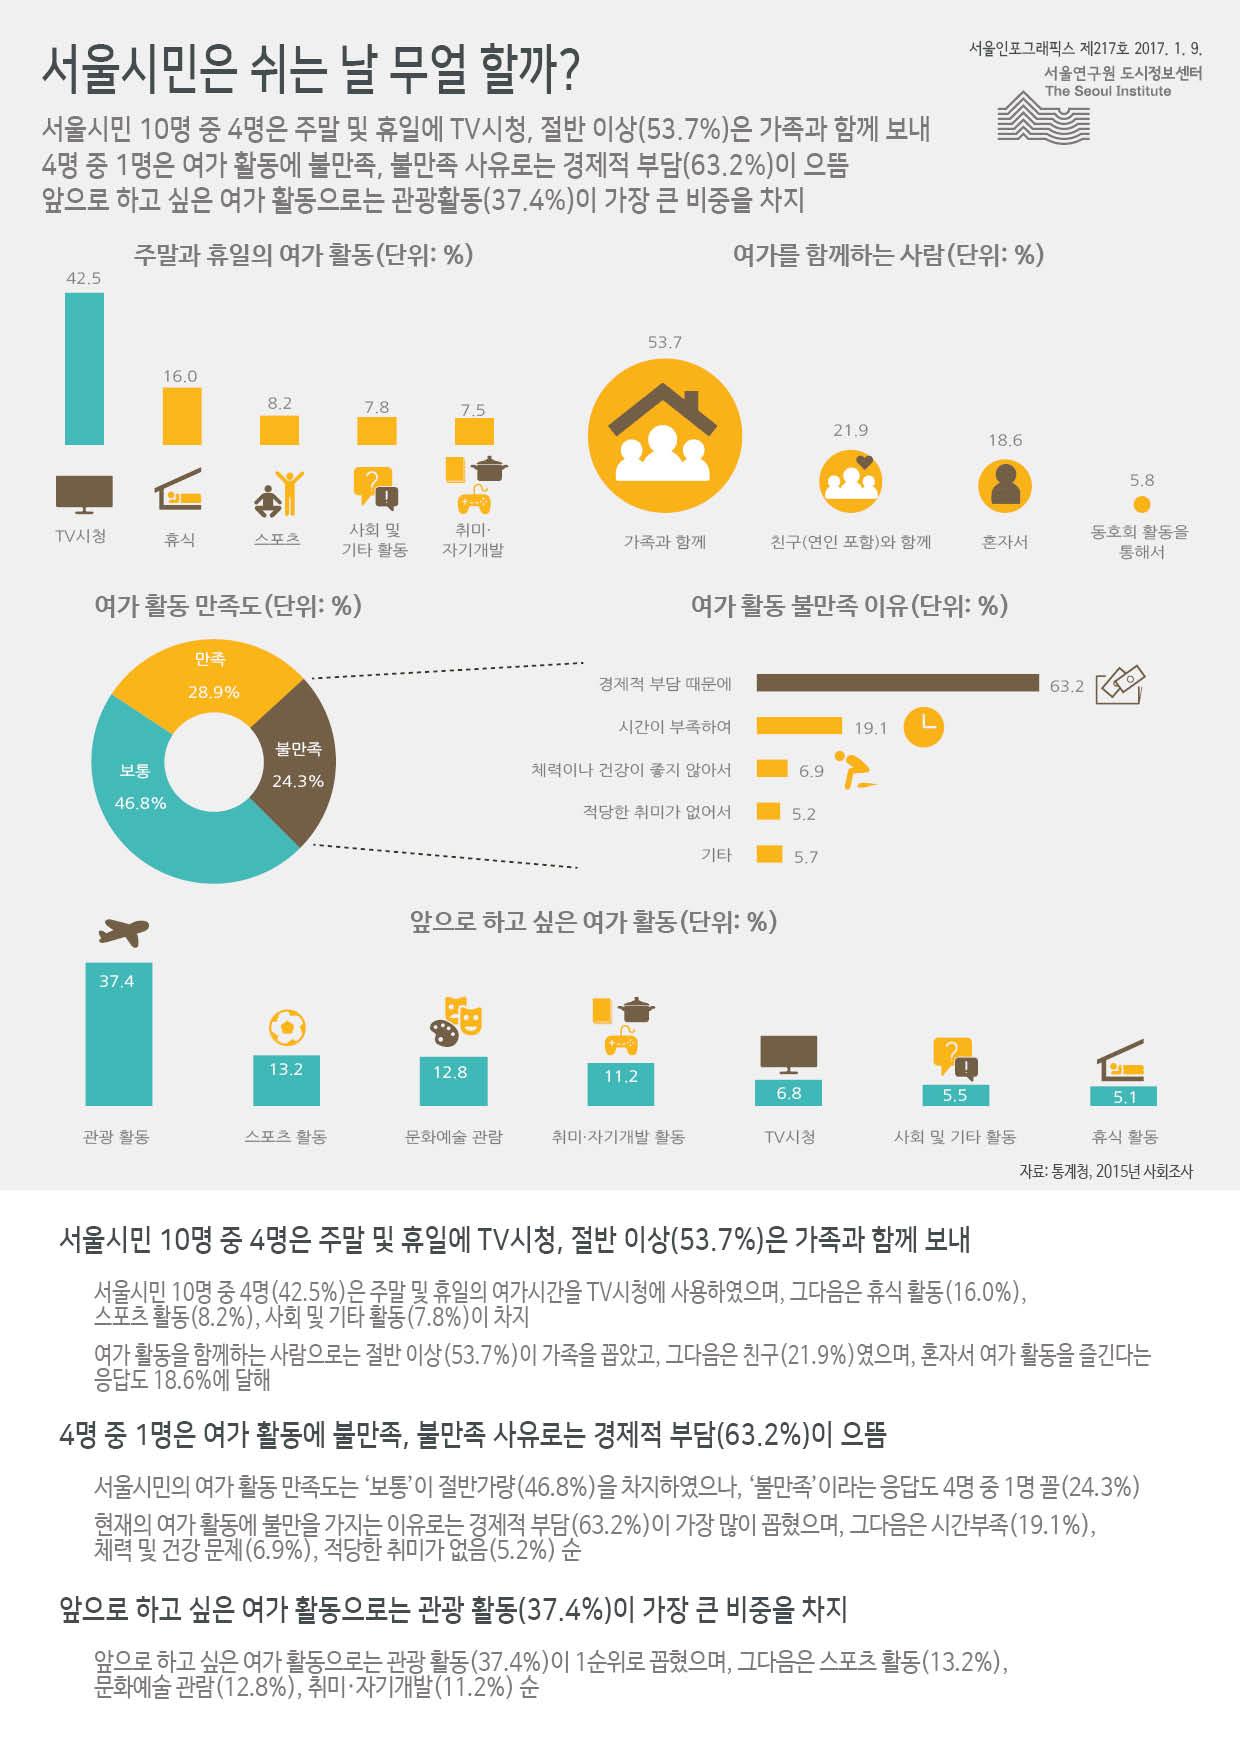 서울시민은 쉬는 날 무얼 할까? 서울인포그래픽스 제217호 2017년 1월 9일 서울시민 10명 중 4명은 주말 및 휴일에 TV시청, 절반 이상(53.7%)은 가족과 함께 보냄. 4명 중 1명은 여가 활동에 불만족, 불만족 사유로는 경제적 부담(63.2%)이 으뜸. 앞으로 하고 싶은 여가 활동으로는 관광활동(37.4%)이 가장 큰 비중을 차지함으로 정리될 수 있습니다. 인포그래픽으로 제공되는 그래픽은 하단에 표로 자세히 제공됩니다.